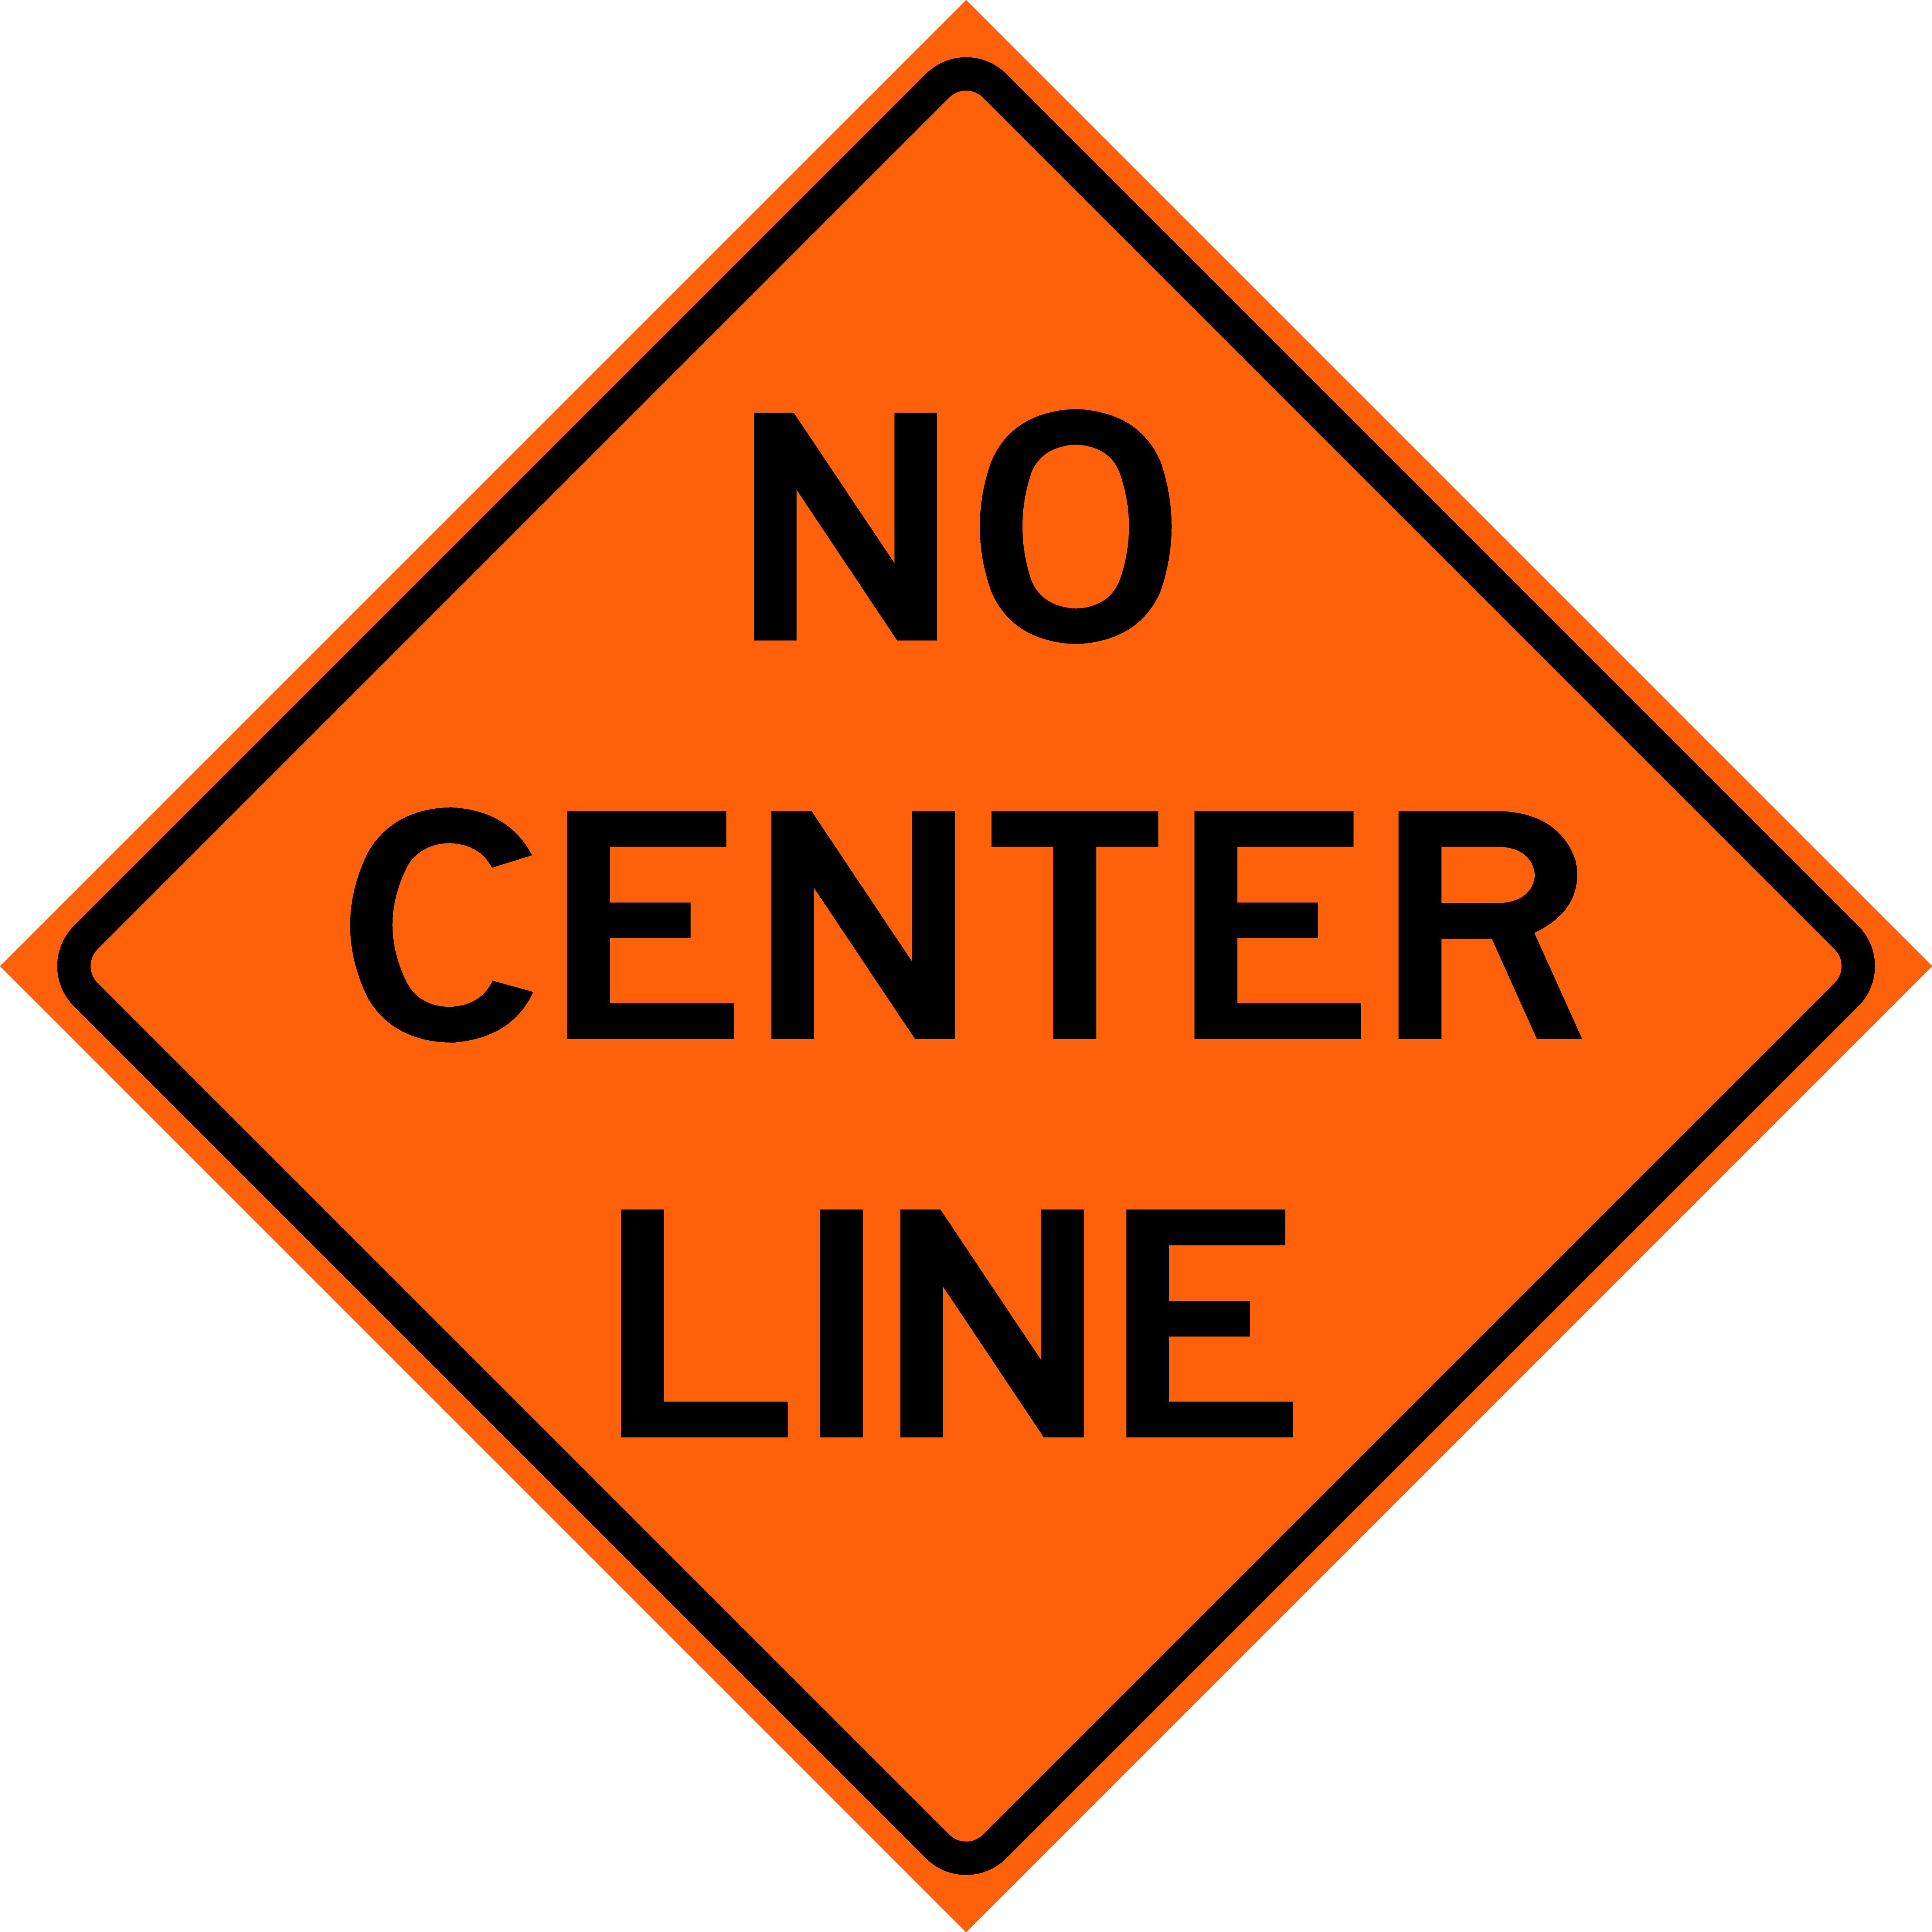 No Center Line (W8-12)